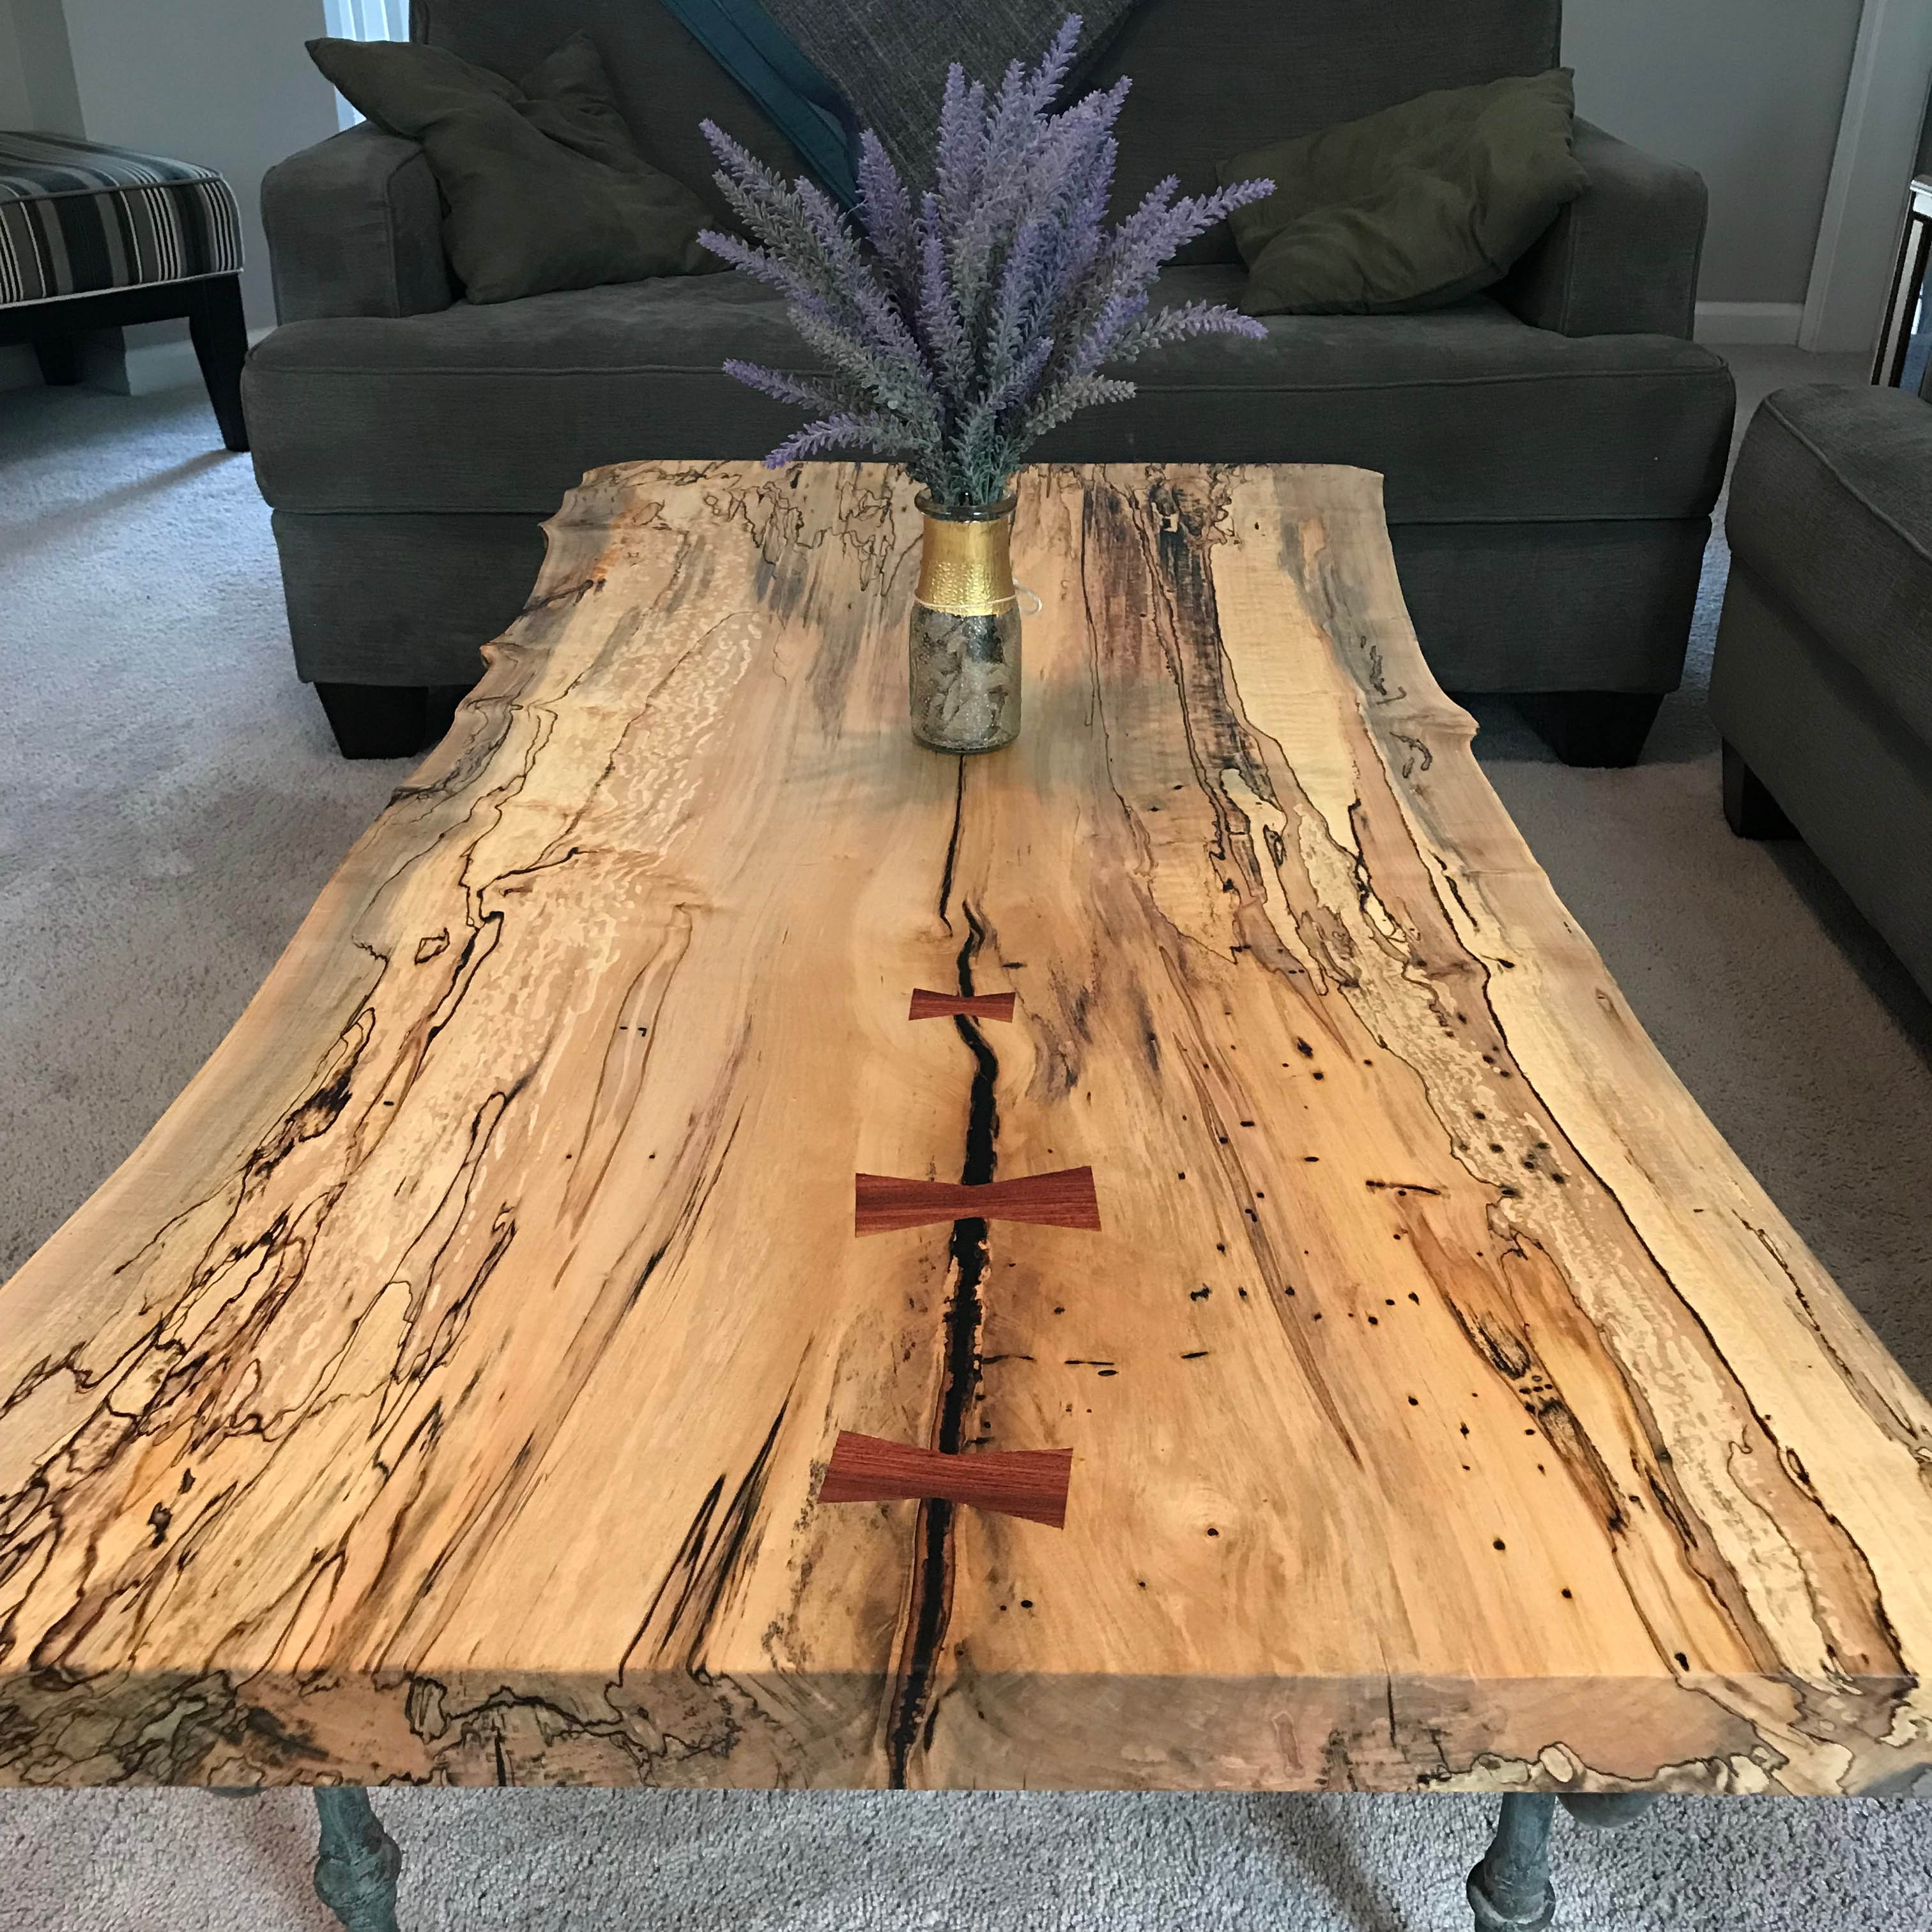 Черпайте вдохновение для создания вещей своими руками: сделайте свою столешницу уникальной с помощью деревянной или металлической инкрустации